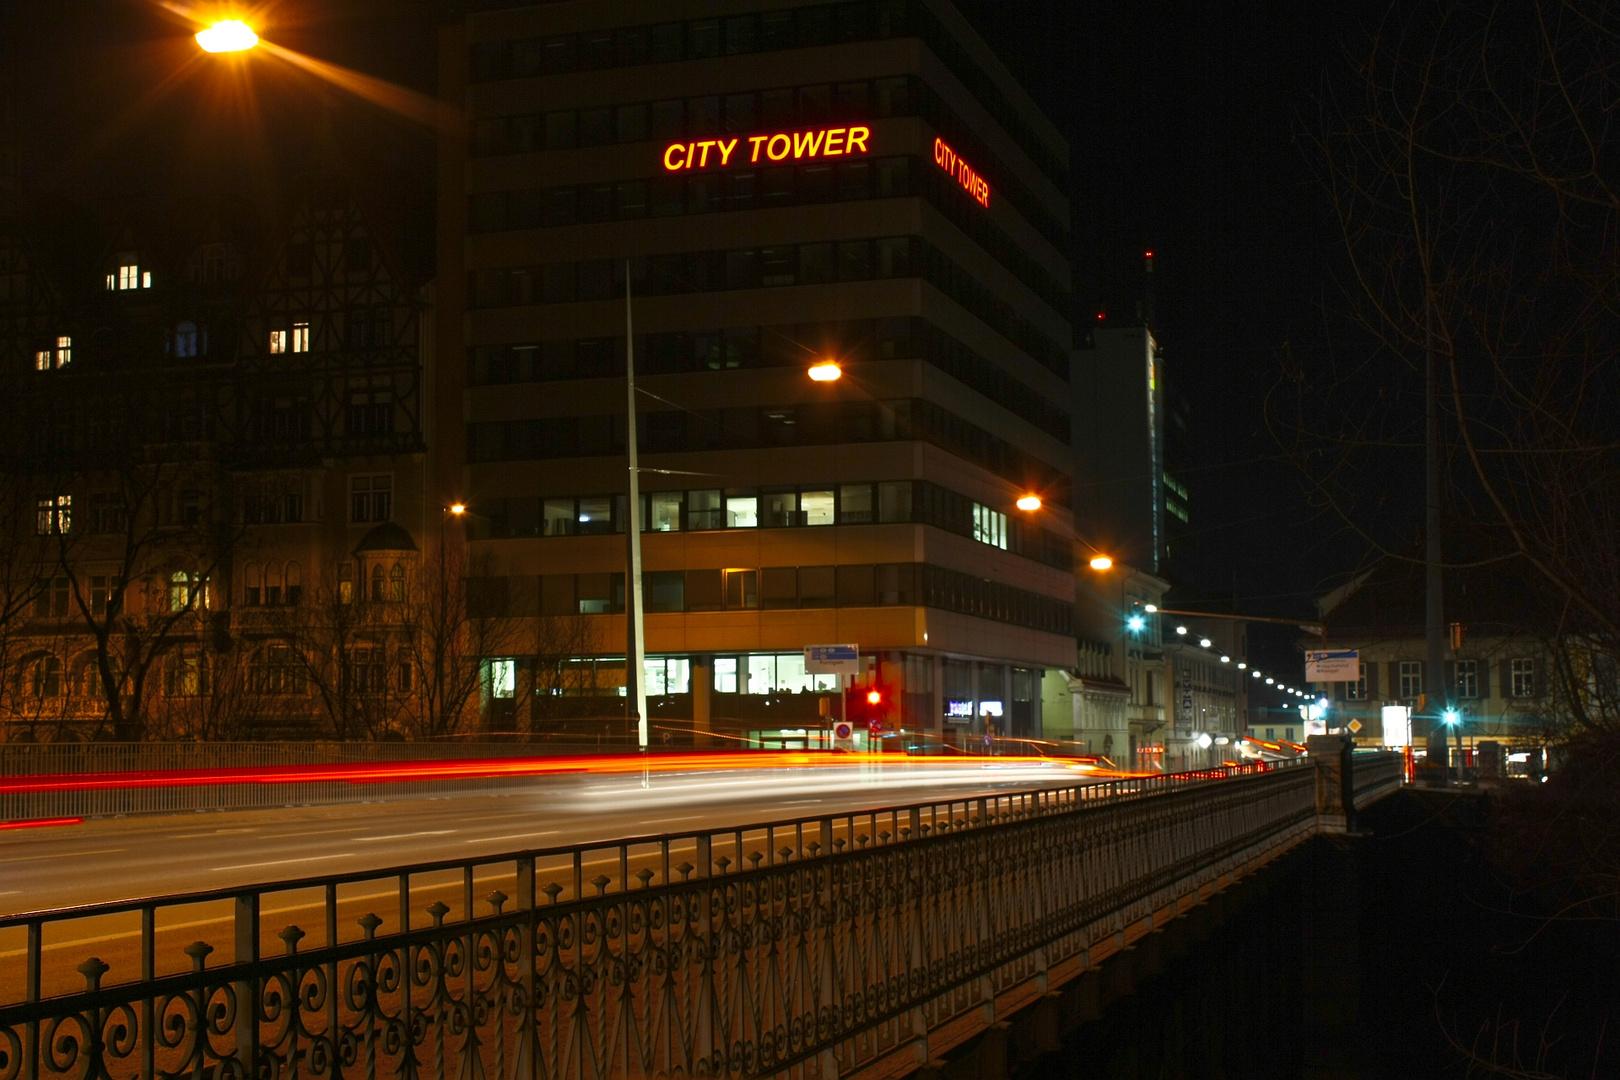 Citytower